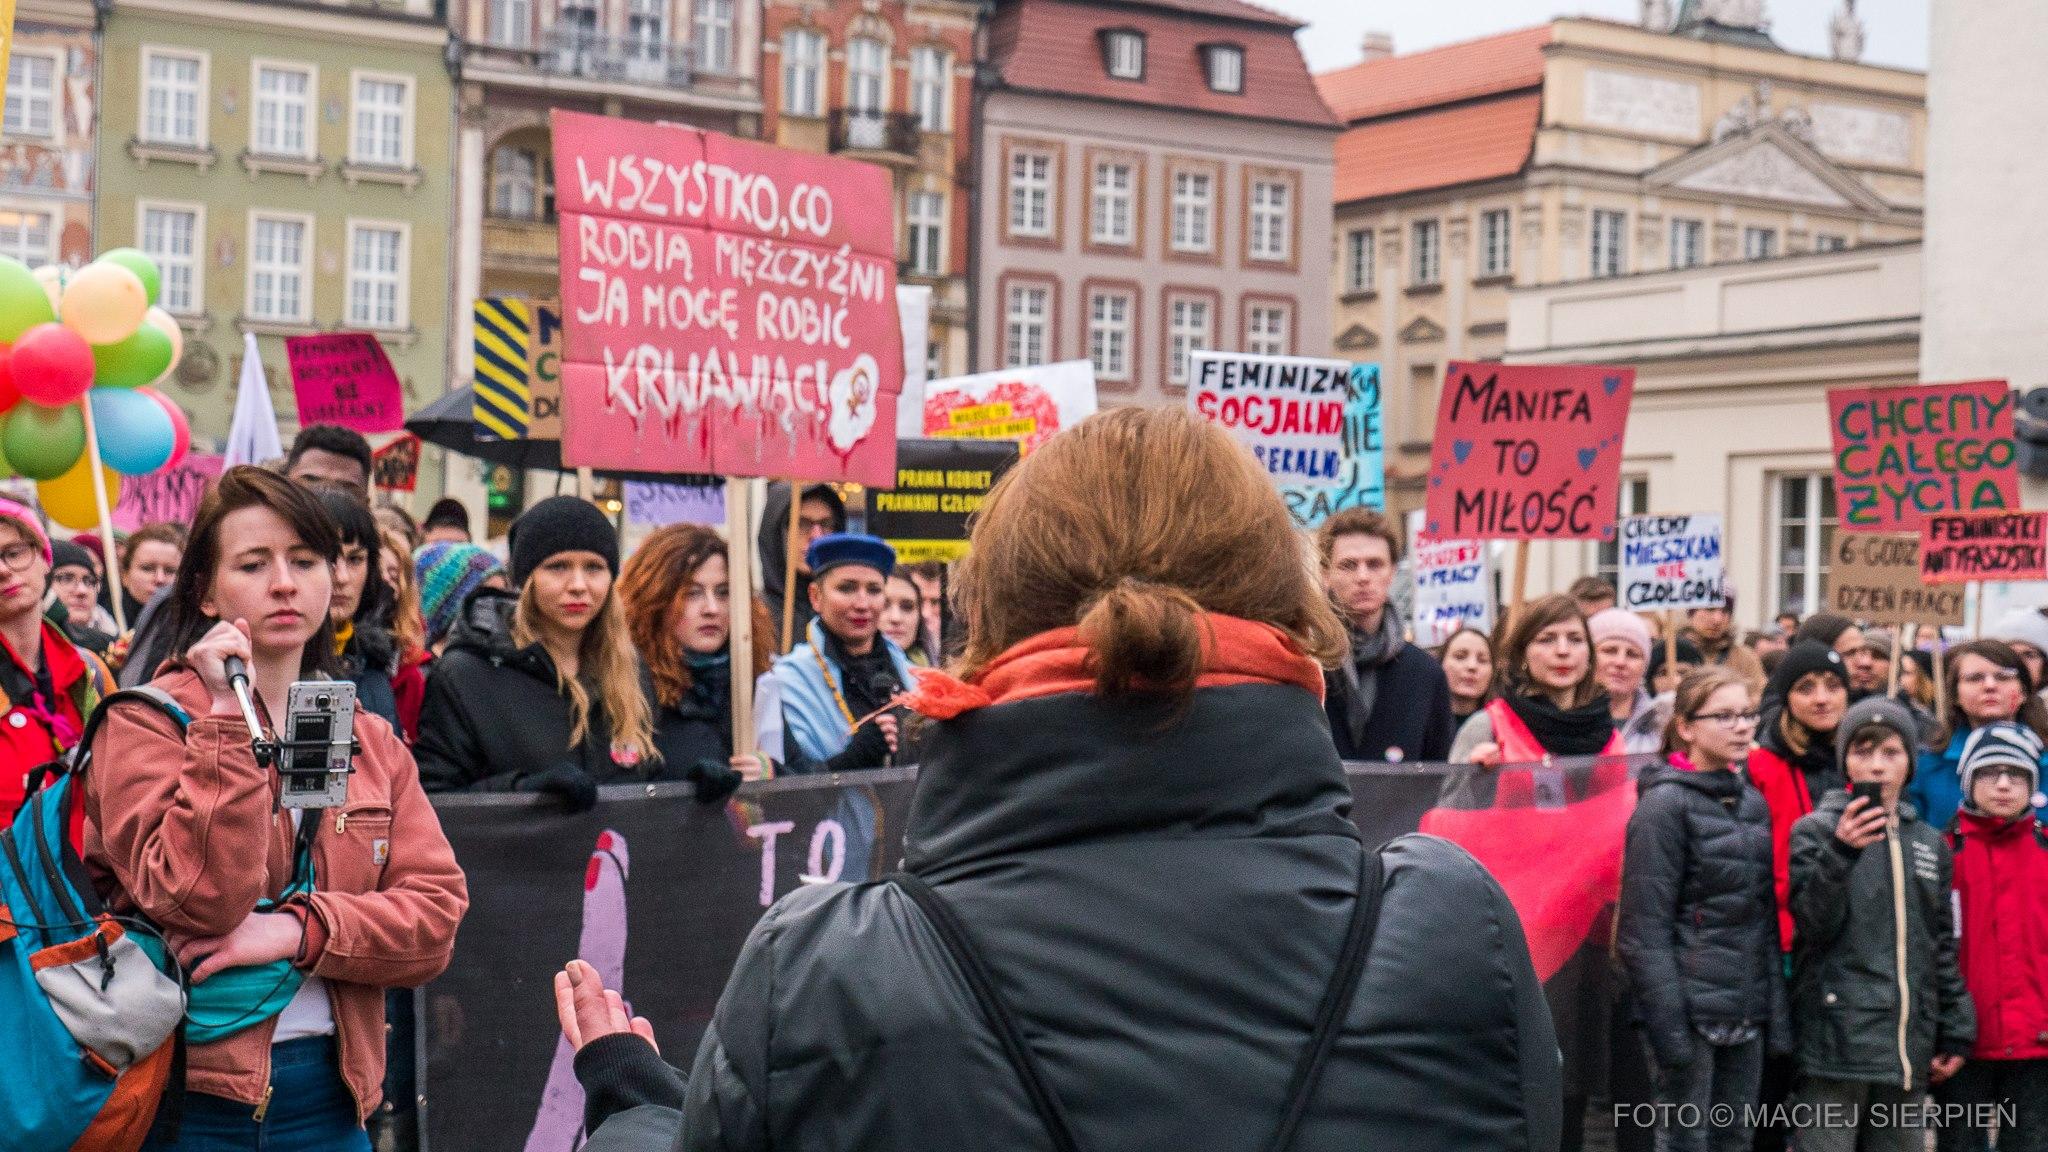 """Zdjęcie z protestu. Kobiety ubrane w kurtki stoją obok siebie z transparentami i plakatami. Na jednym z nich napisane jest """"Wszystko, co robią mężczyźni ja mogę robić krwawiąc!""""."""